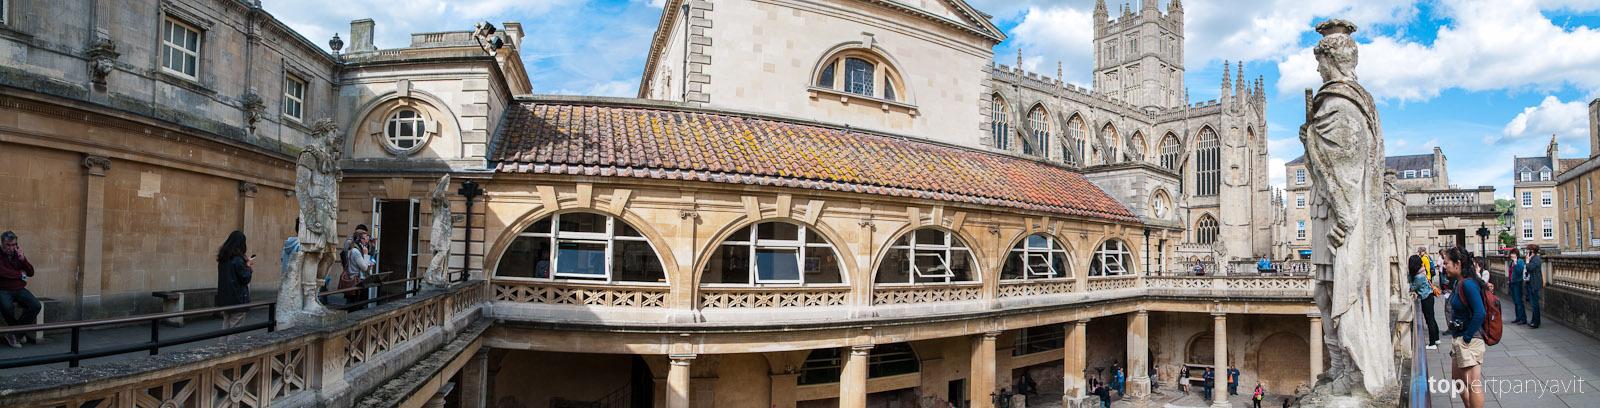 Roman baths in Bath.